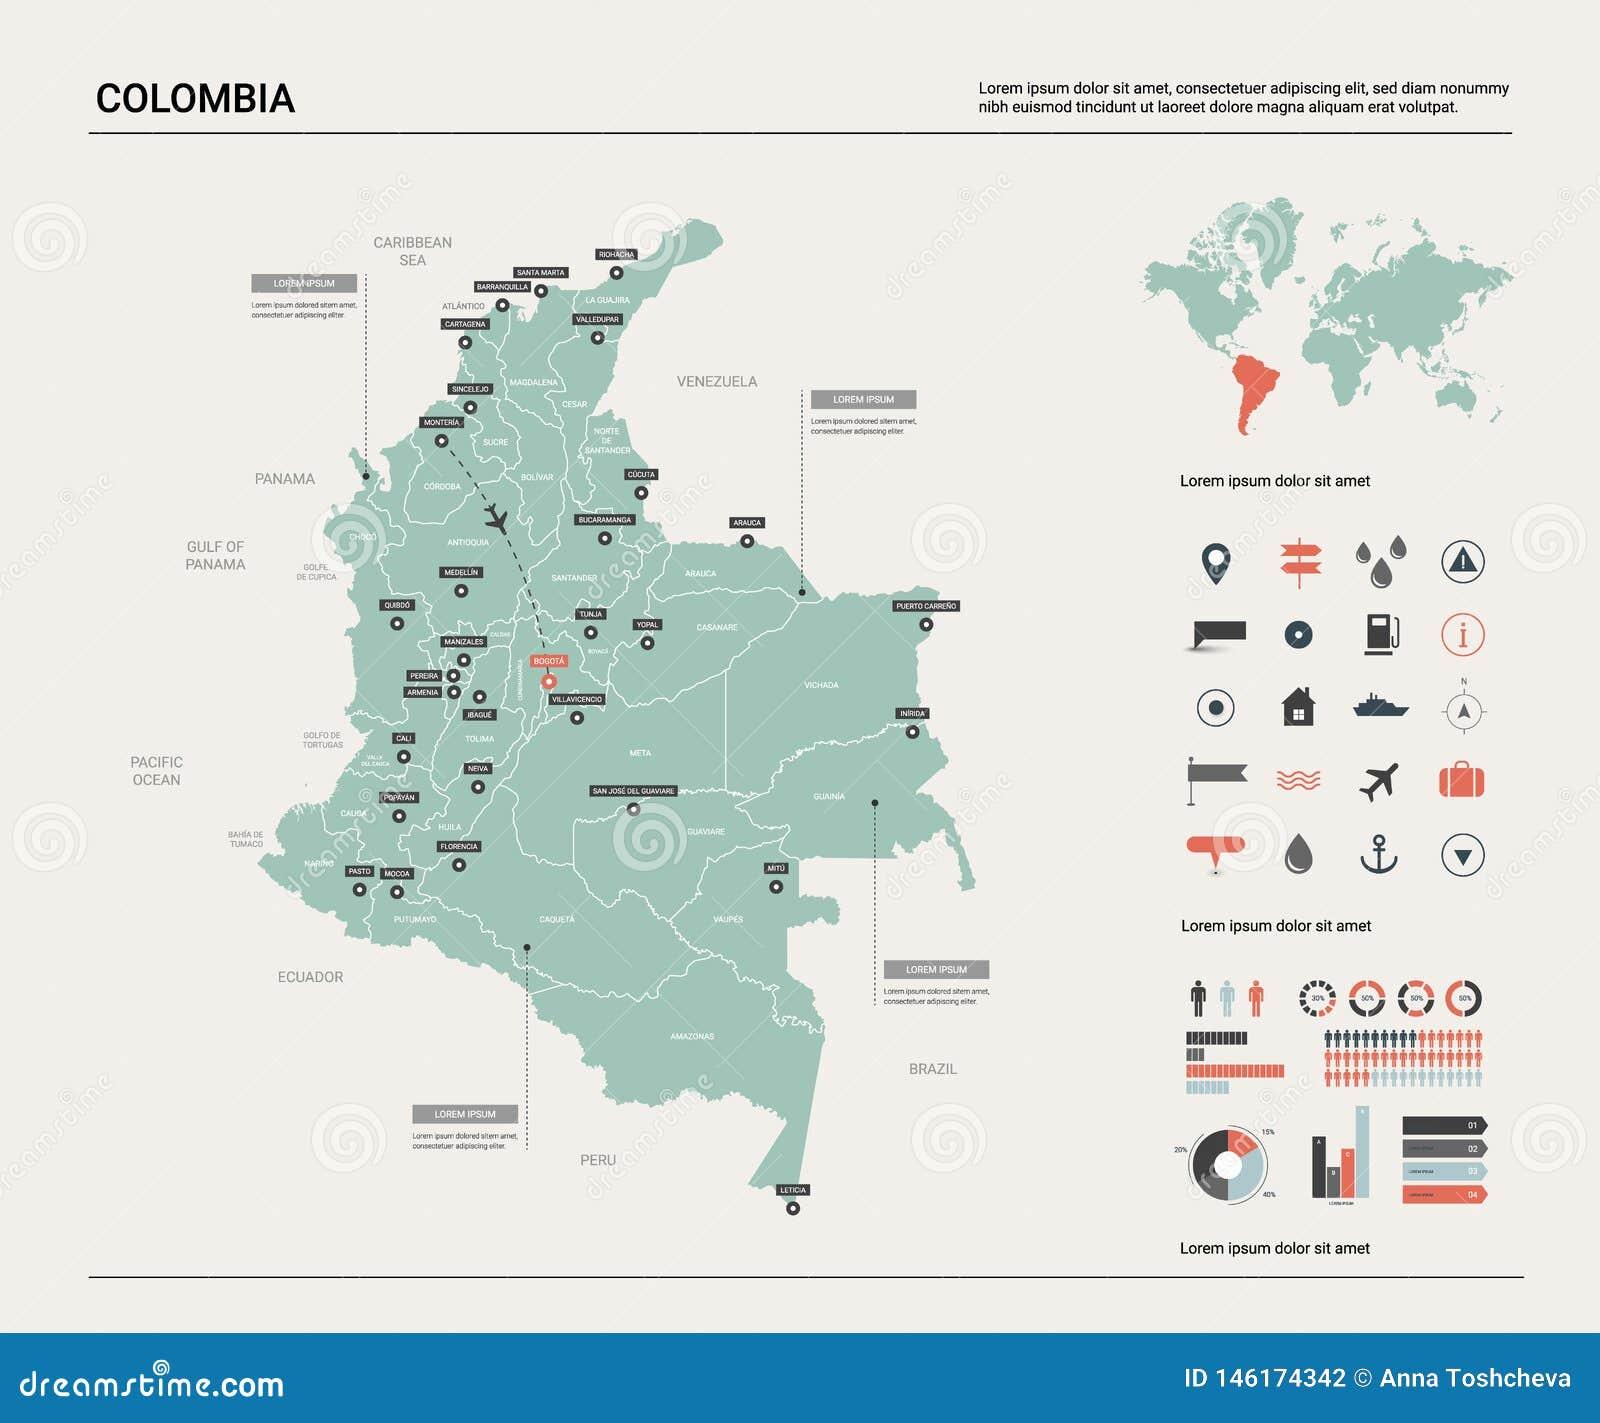 Mapa do vetor de Col?mbia Mapa detalhado alto do pa?s com divis?o, cidades e capital Bogot? Mapa pol?tico, mapa do mundo, infogra